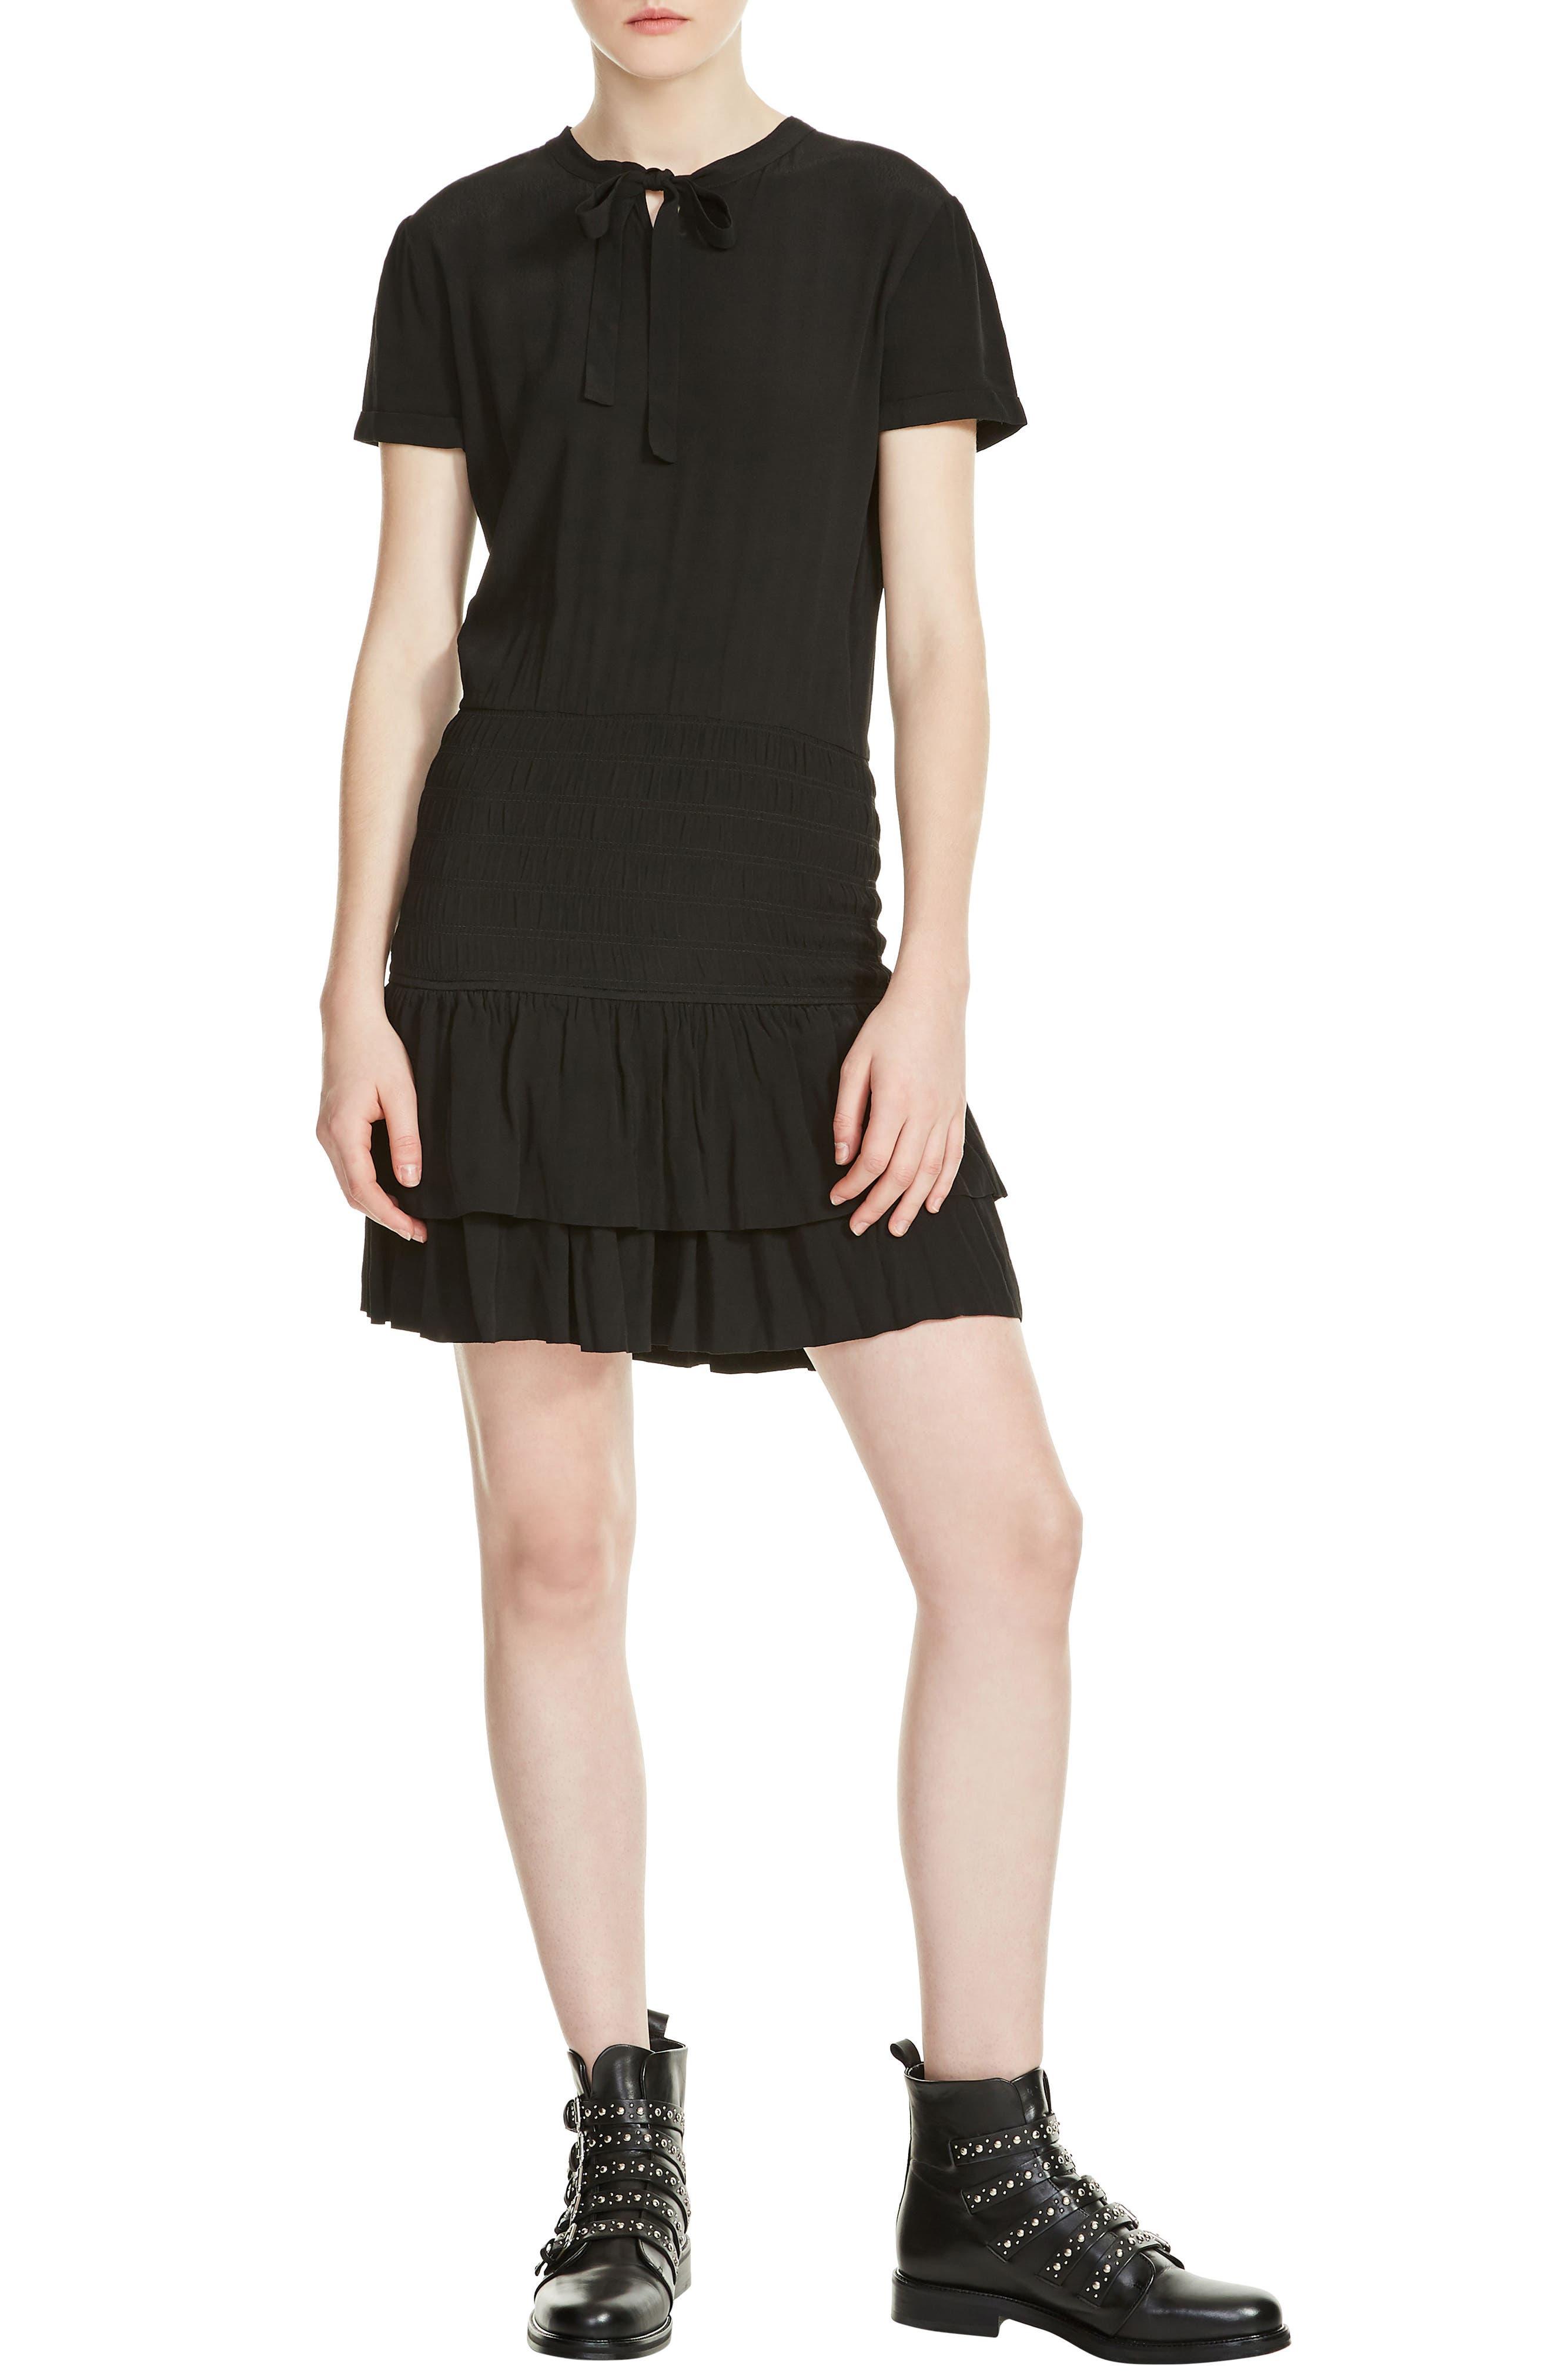 Raboa Smocked Dress,                             Main thumbnail 1, color,                             Black